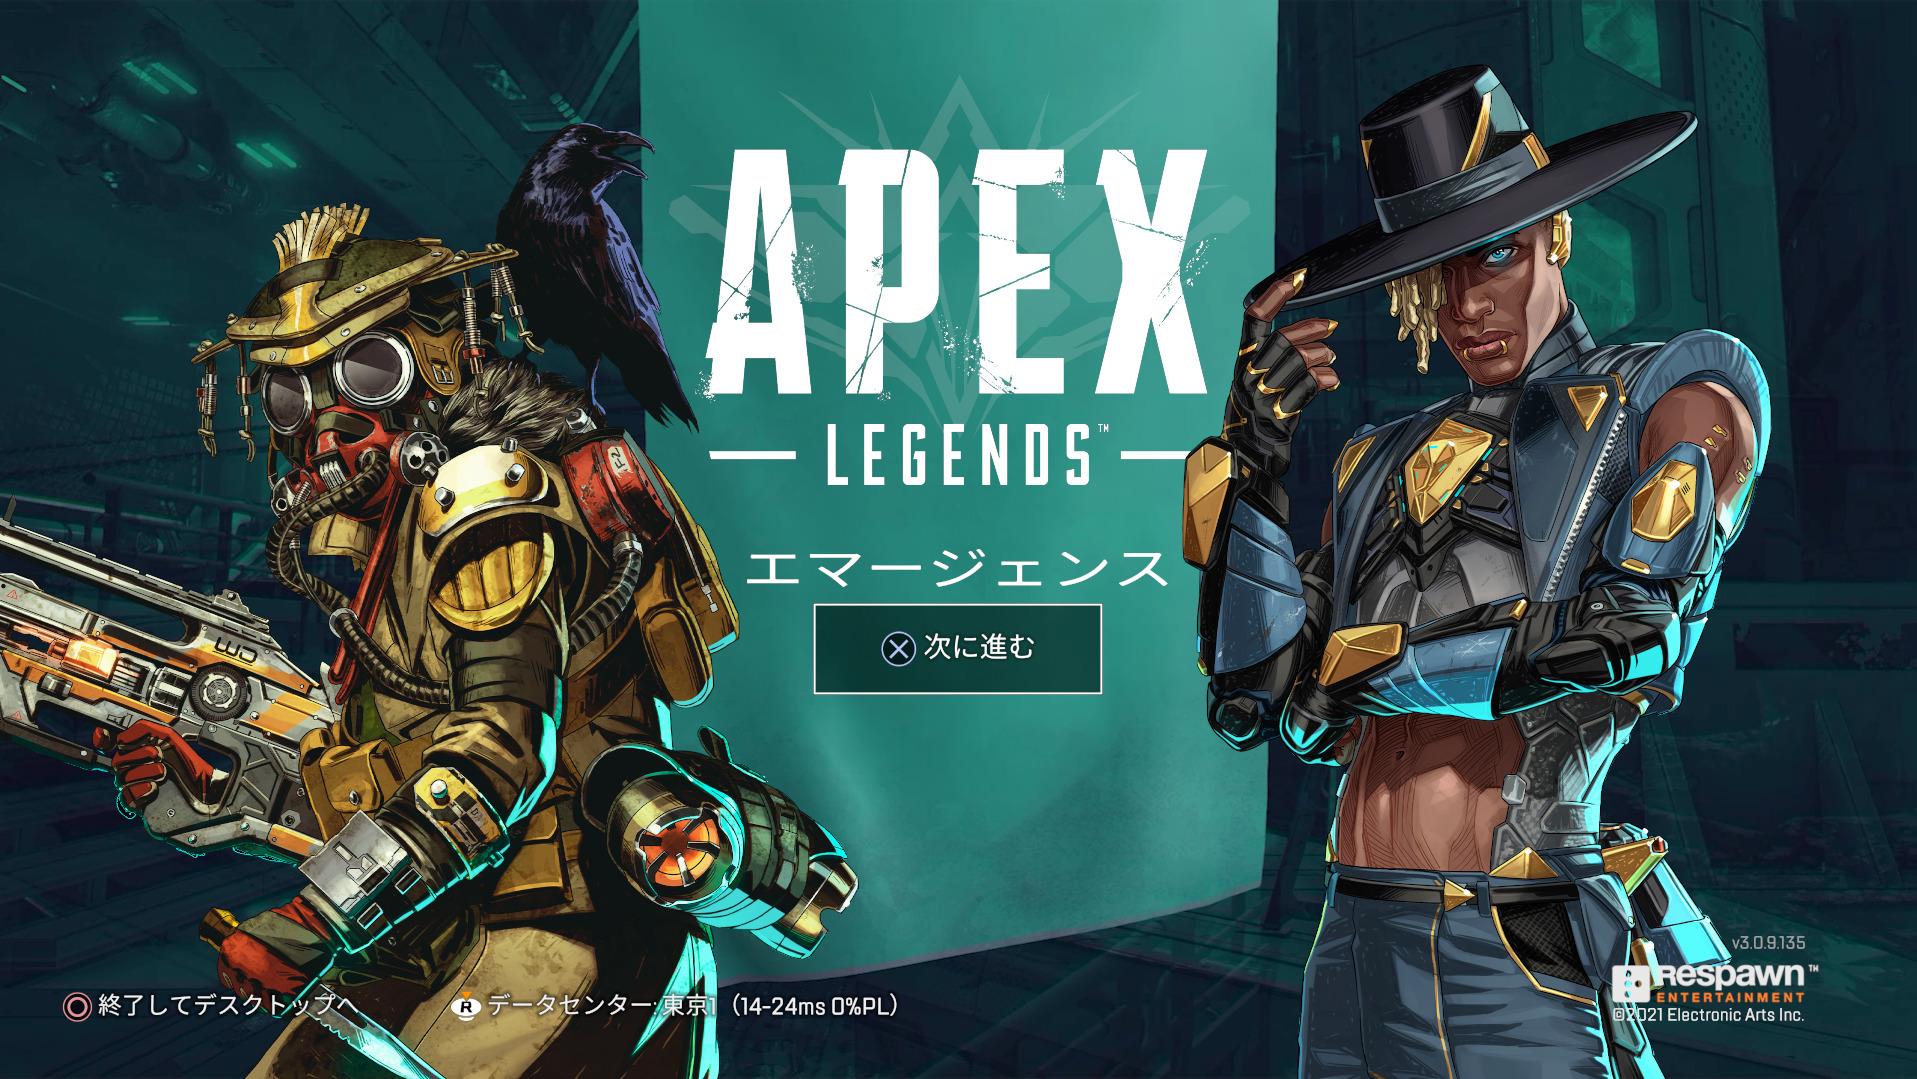 【Apex Legends】シーズン10 はいつまで?ランクの期間とマップについて【エーペックスレジェンズ】